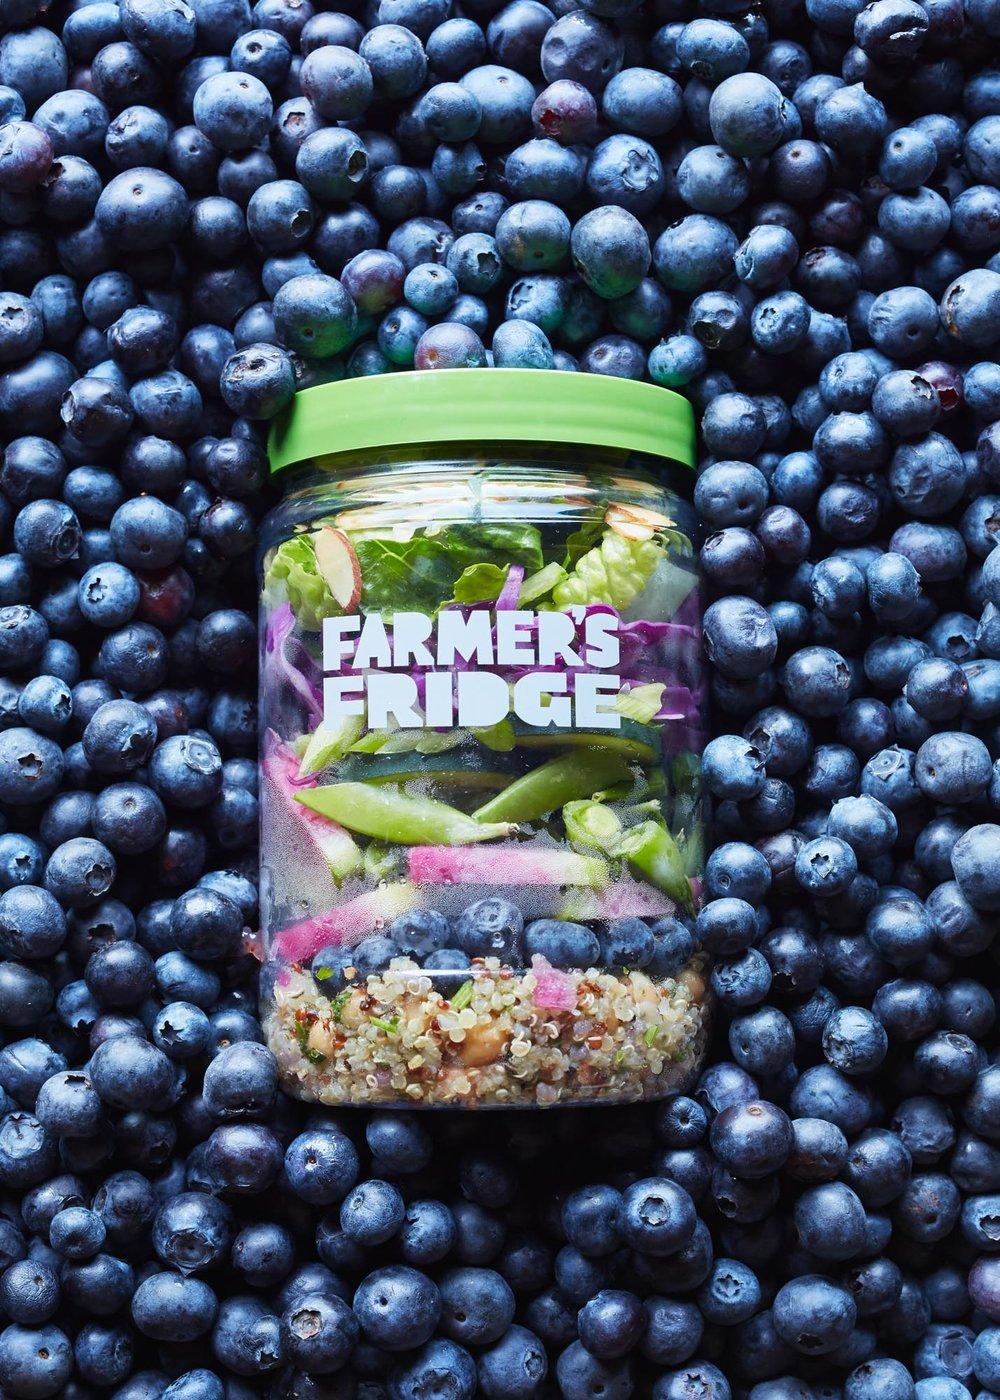 awstudio_isaiah_jay_farmers_fridge_03.jpg